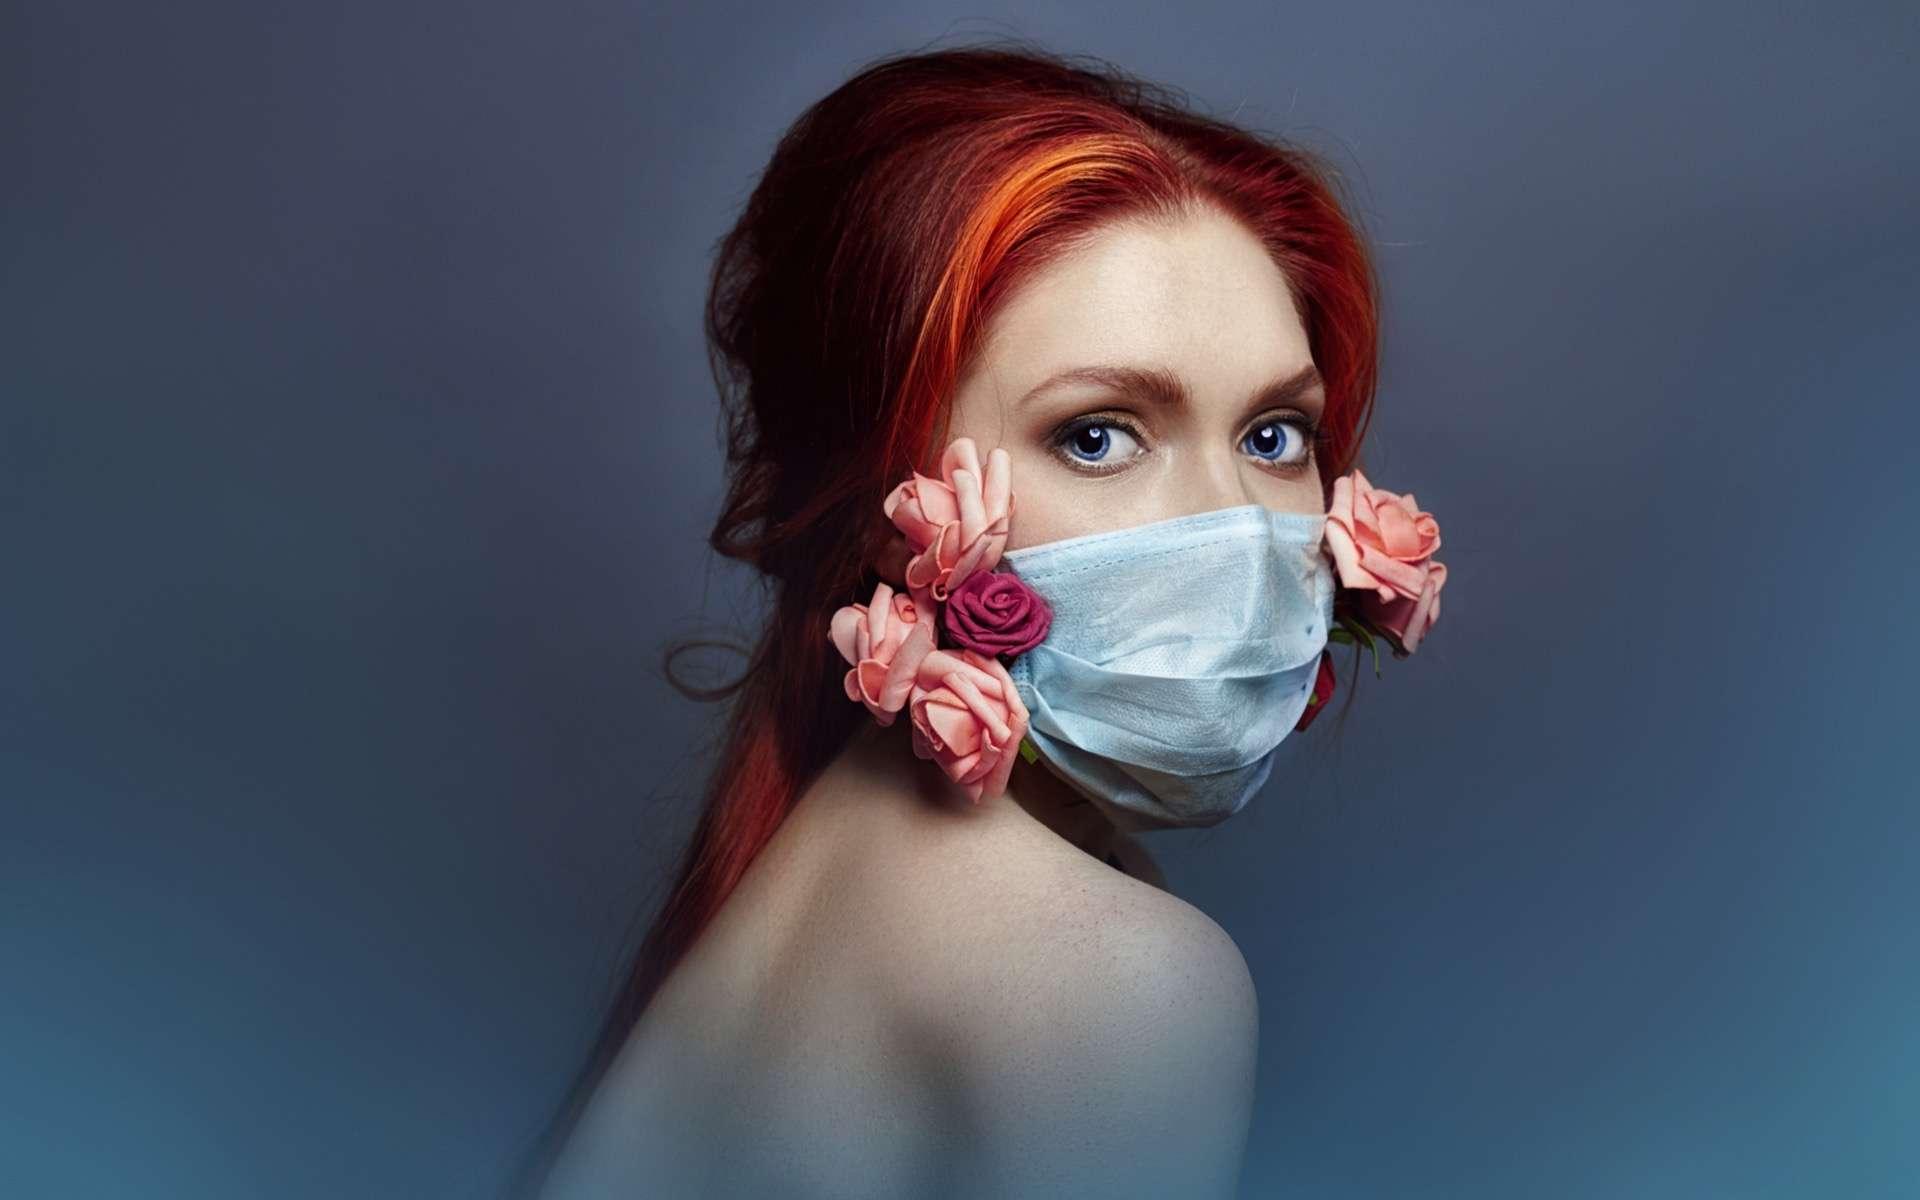 La pollution atmosphérique est un facteur de risque élevé de cancer du sein